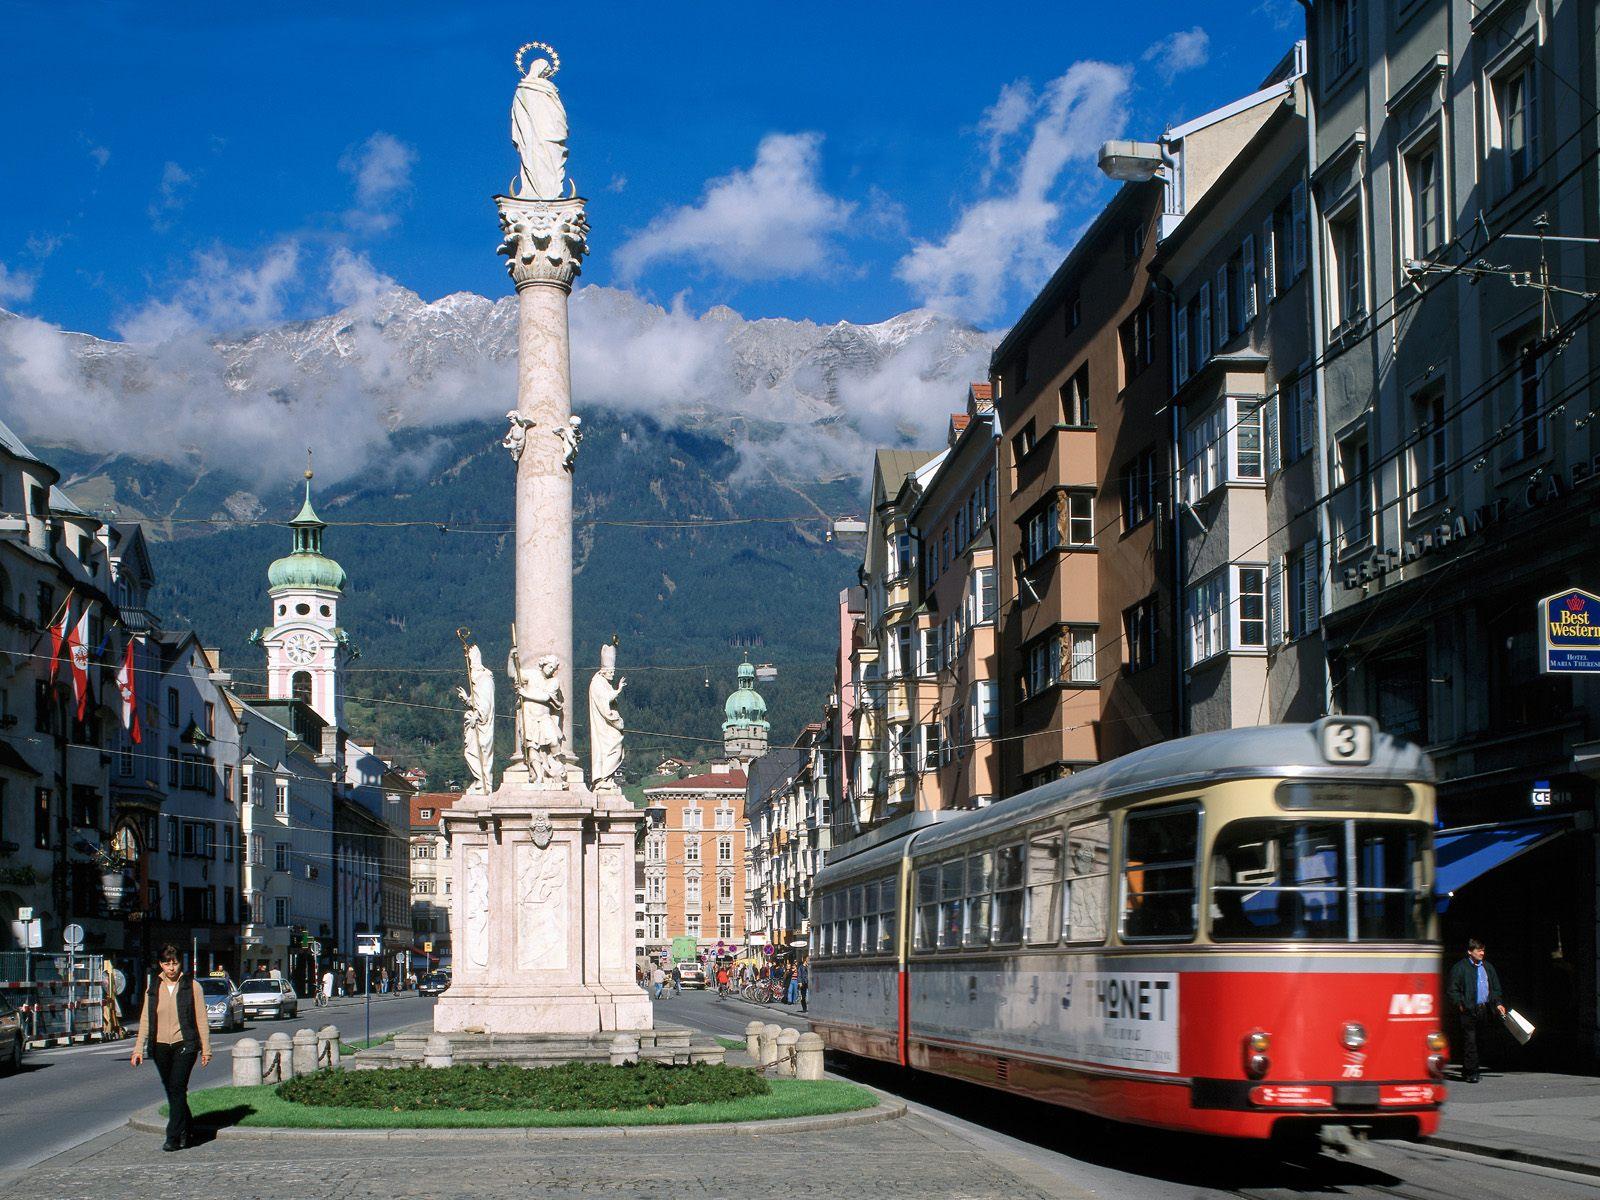 عکس+کشور+اتریش